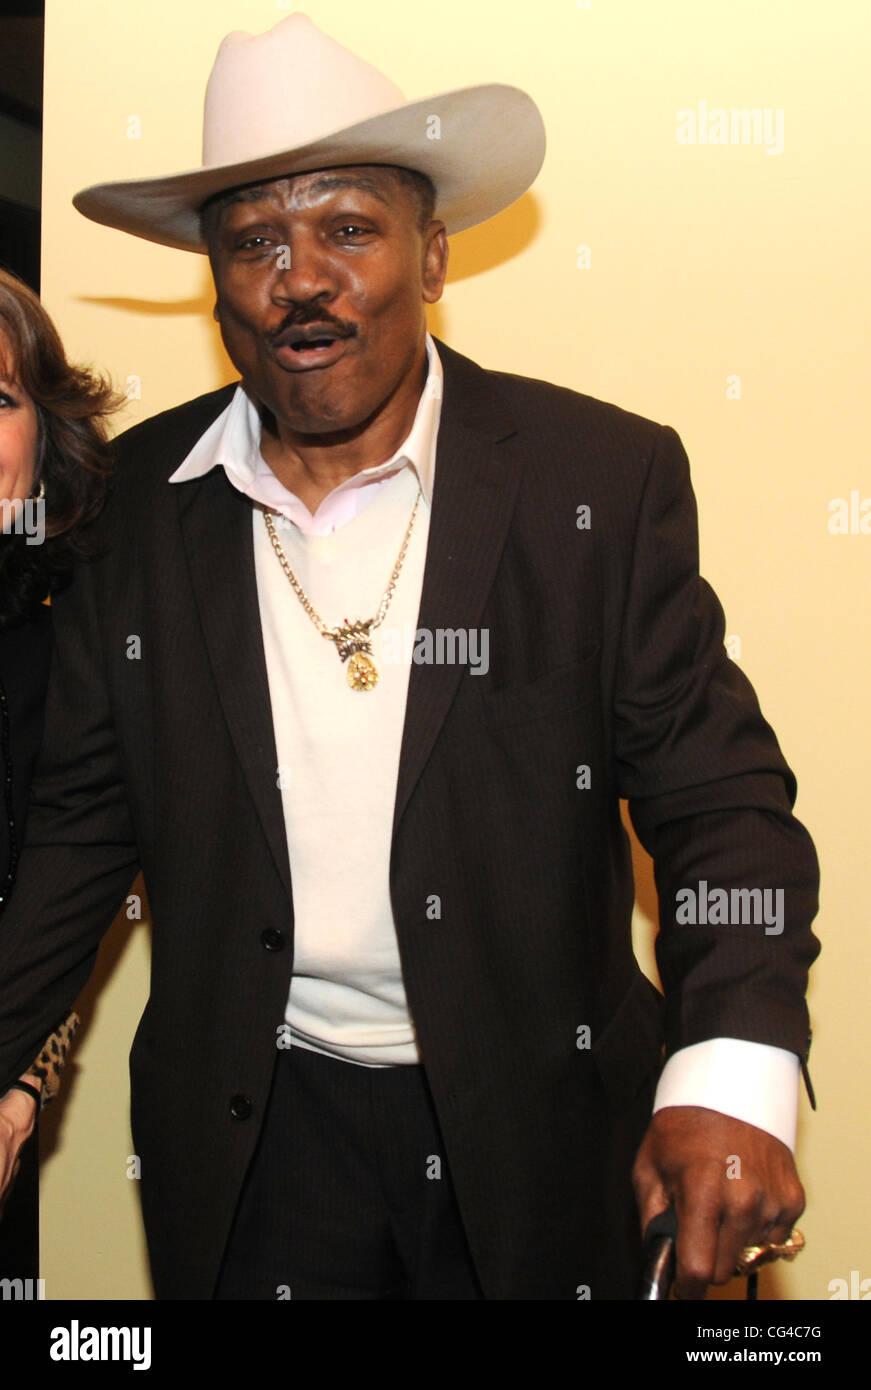 Joe Frazier Jerry Blavat Concert of Love held at the Kimmel center Philadelphia, Pennsylvania - 29.01.11 Stock Photo